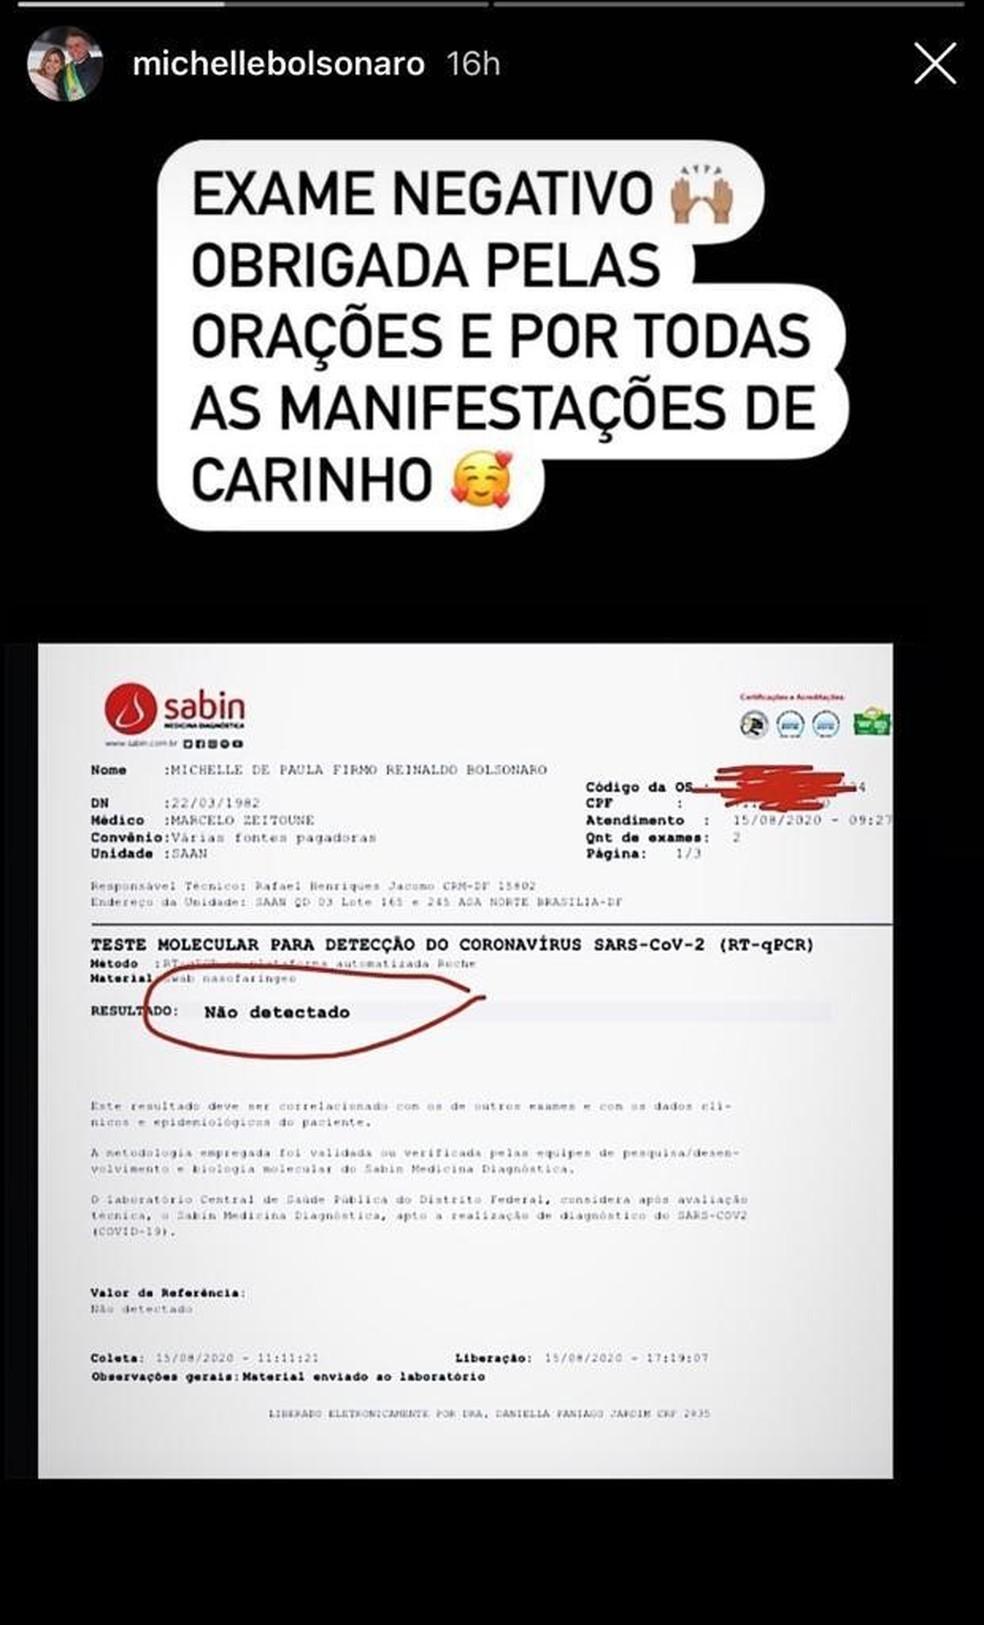 Postagem de Michelle Bolsonaro em rede social — Foto: Reprodução